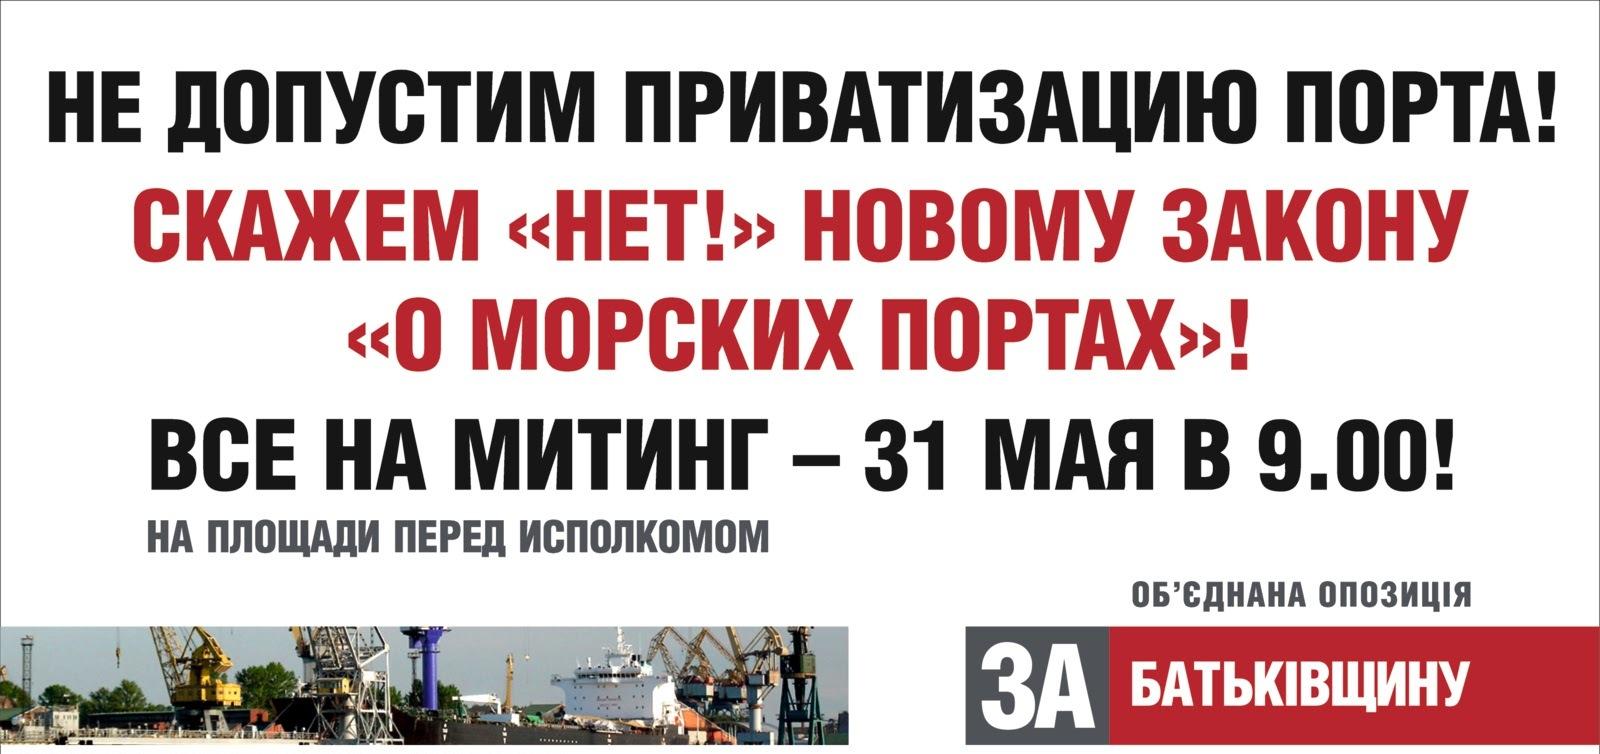 Измаил: Власть оказывает давление на организаторов митинга!